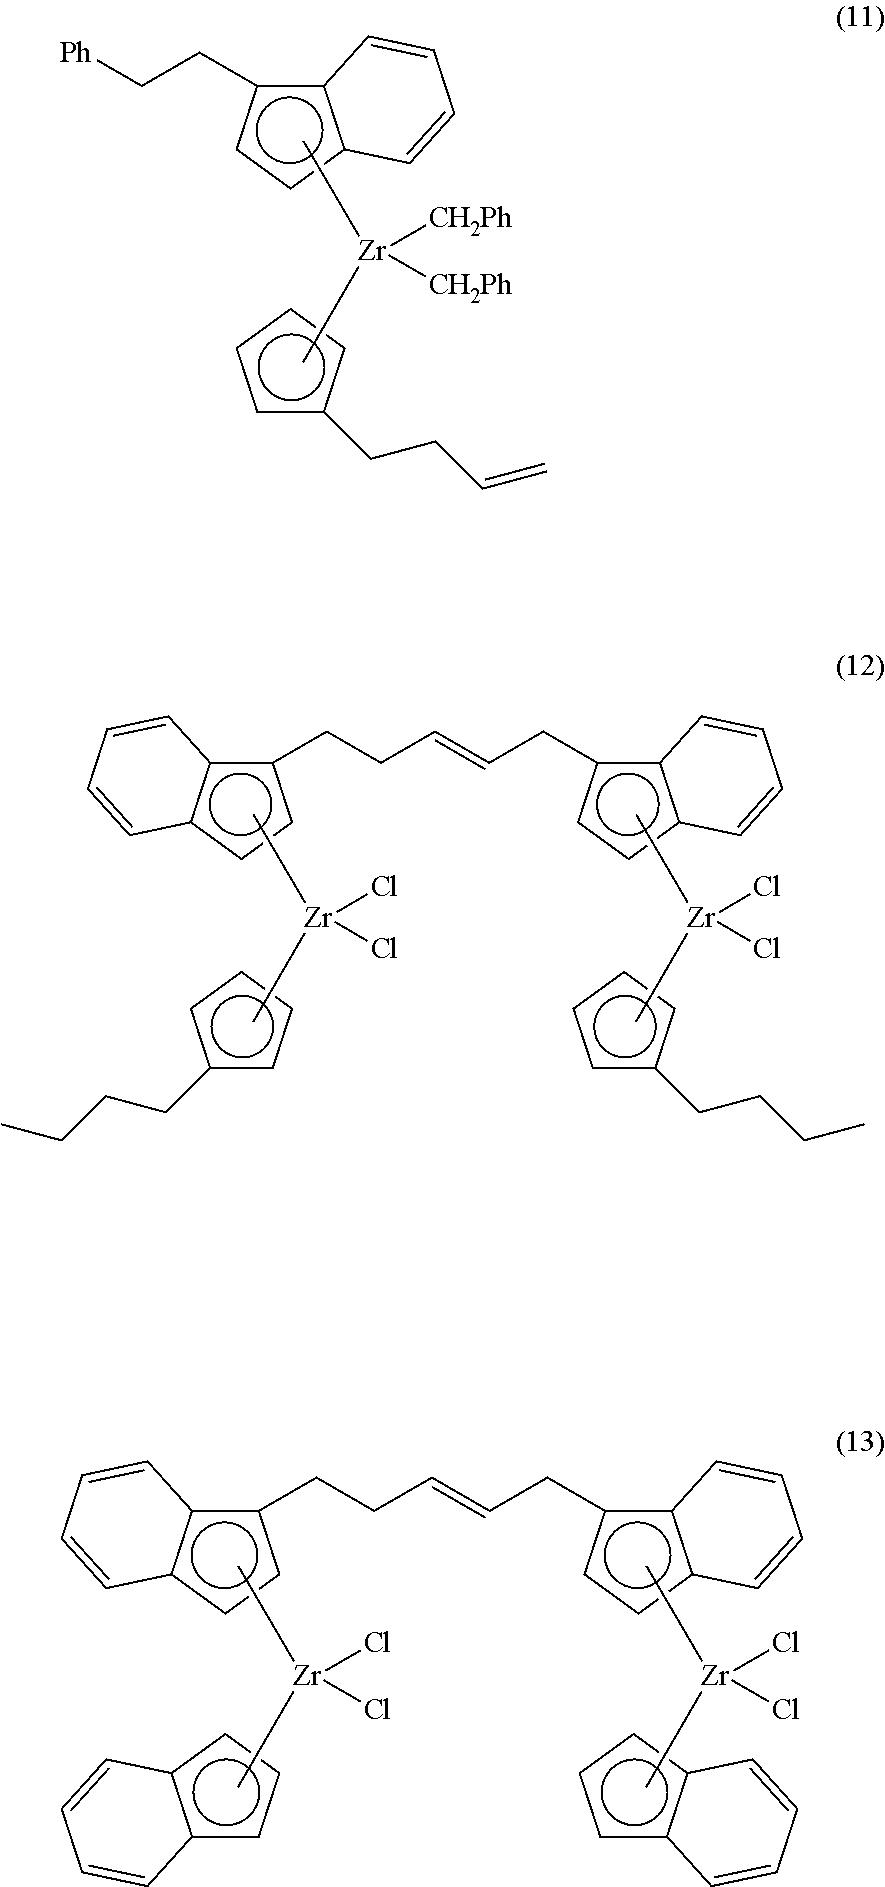 Figure US09637573-20170502-C00019